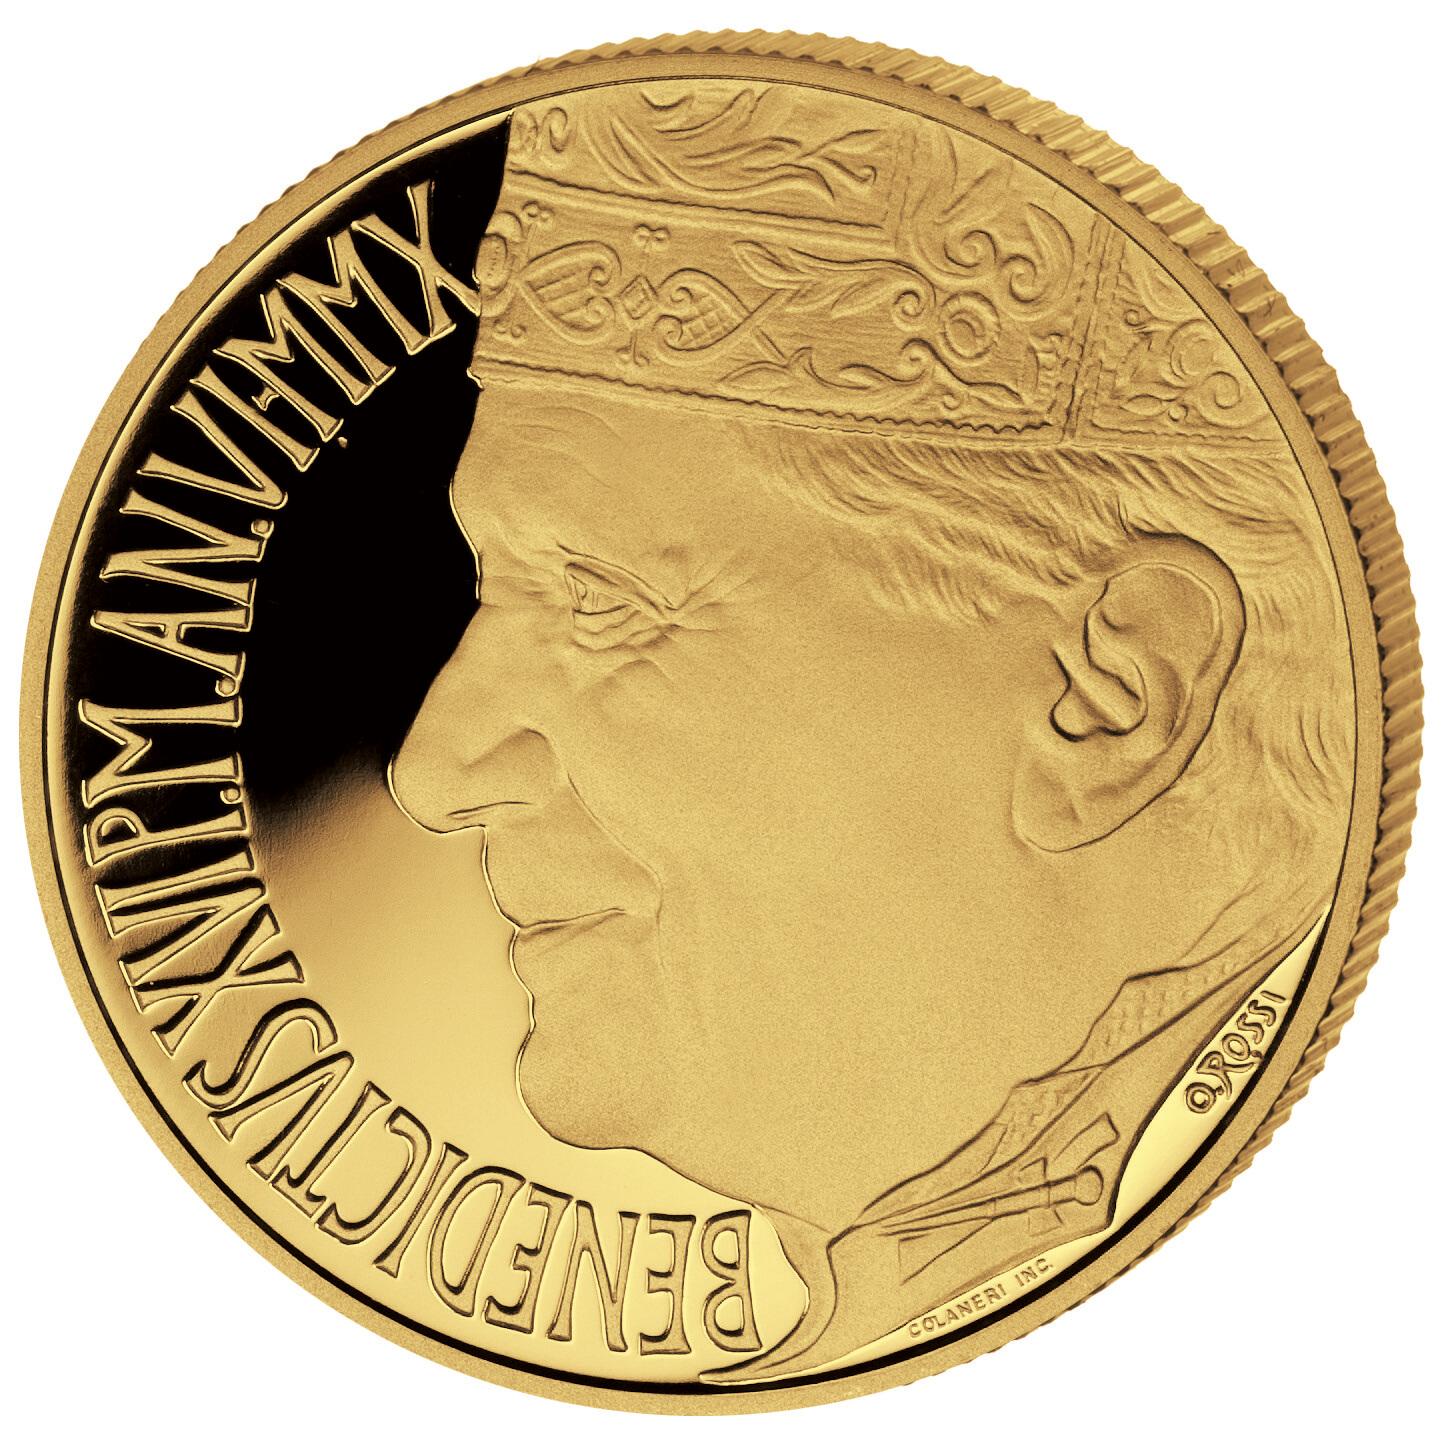 VA 50 Euro 2010 R